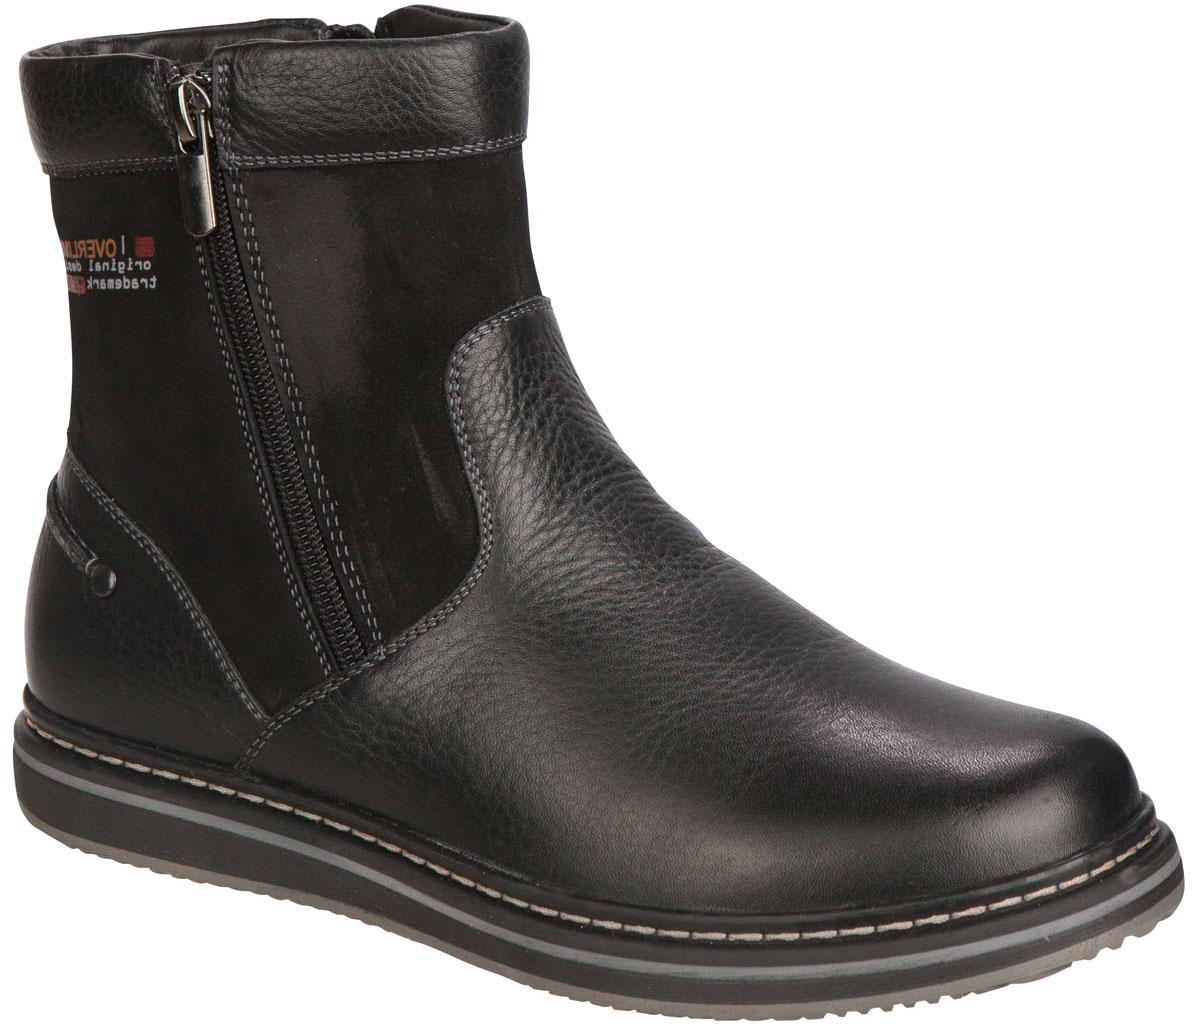 64128Удобные и теплые полусапоги от Kapika выполнены из натуральной кожи в сочетании с натуральной замшей. Застежка-молния надежно фиксирует изделие на ноге. Мягкая подкладка и съемная стелька из натуральной овчины обеспечивают тепло, циркуляцию воздуха и сохраняют комфортный микроклимат в обуви. Подошва с протектором гарантирует идеальное сцепление с любыми поверхностями. Сбоку модель оформлена декоративной молнией. Модель большемерит на 2 размера.